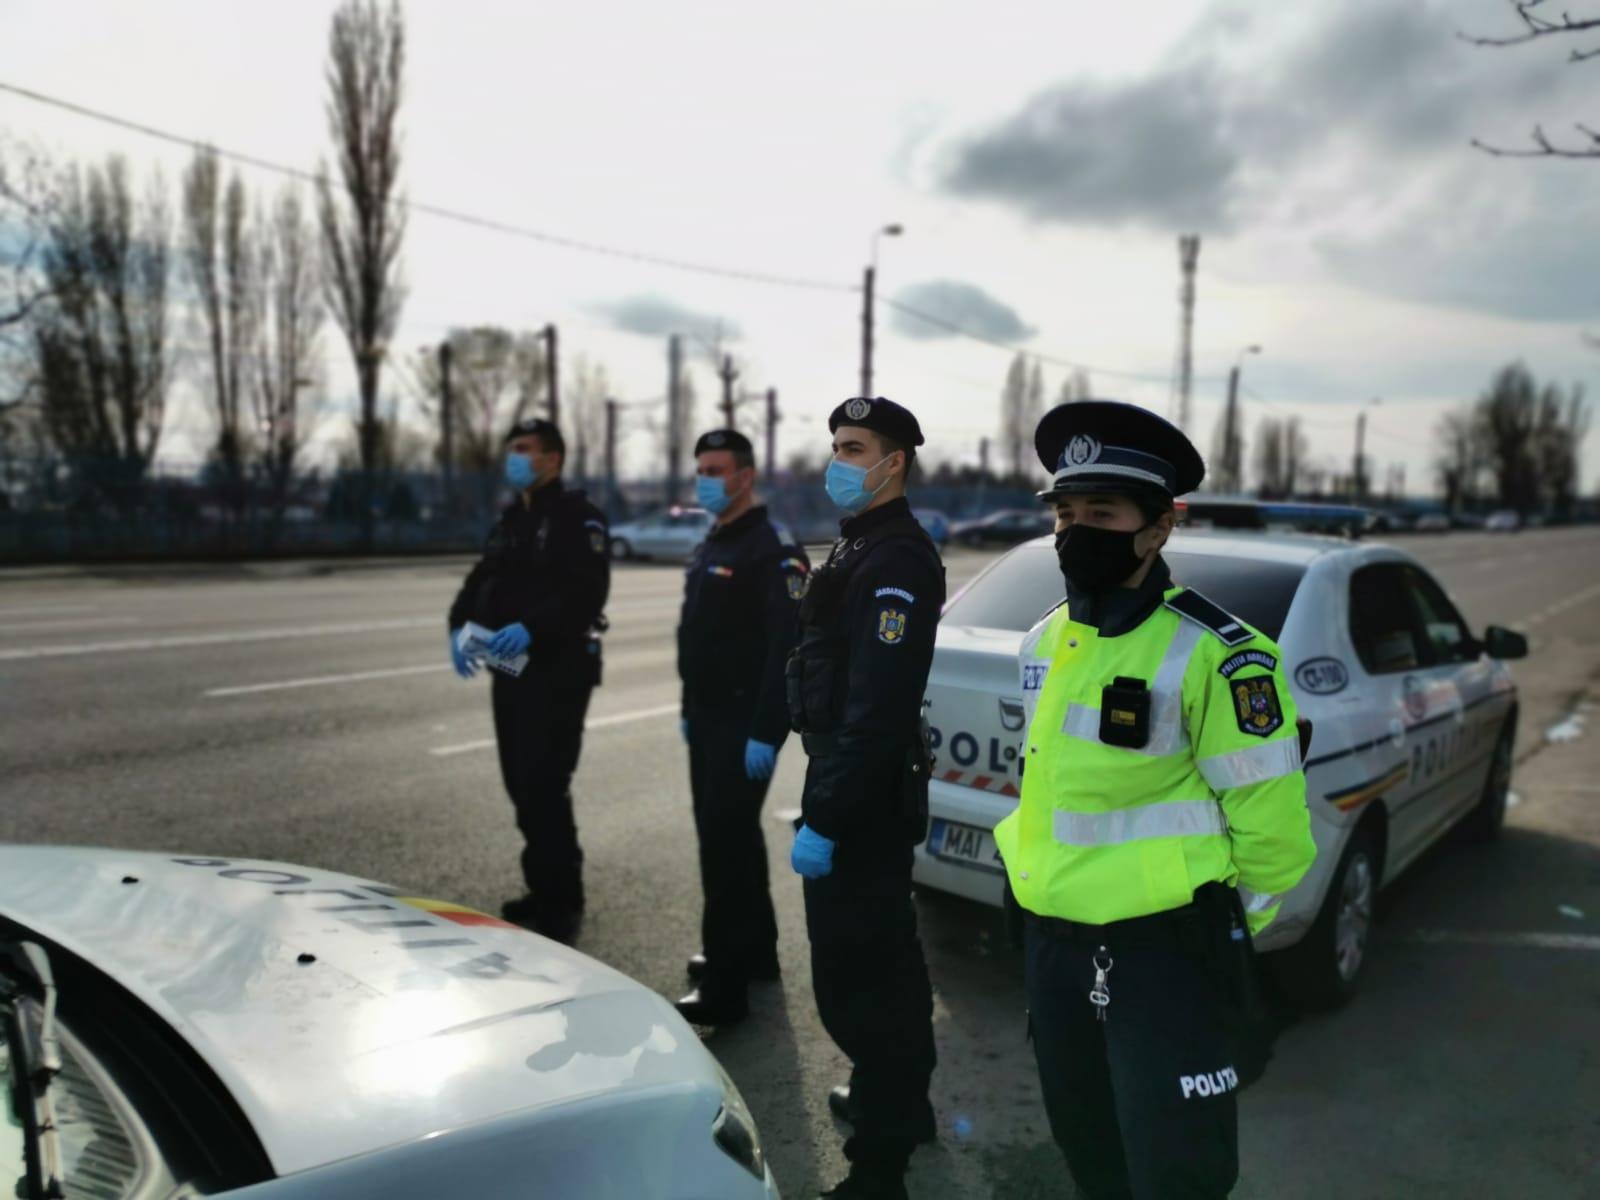 Polițiștii și jandarmii, controale în restaurante, autobuze, săli de joc FOTO VIDEO